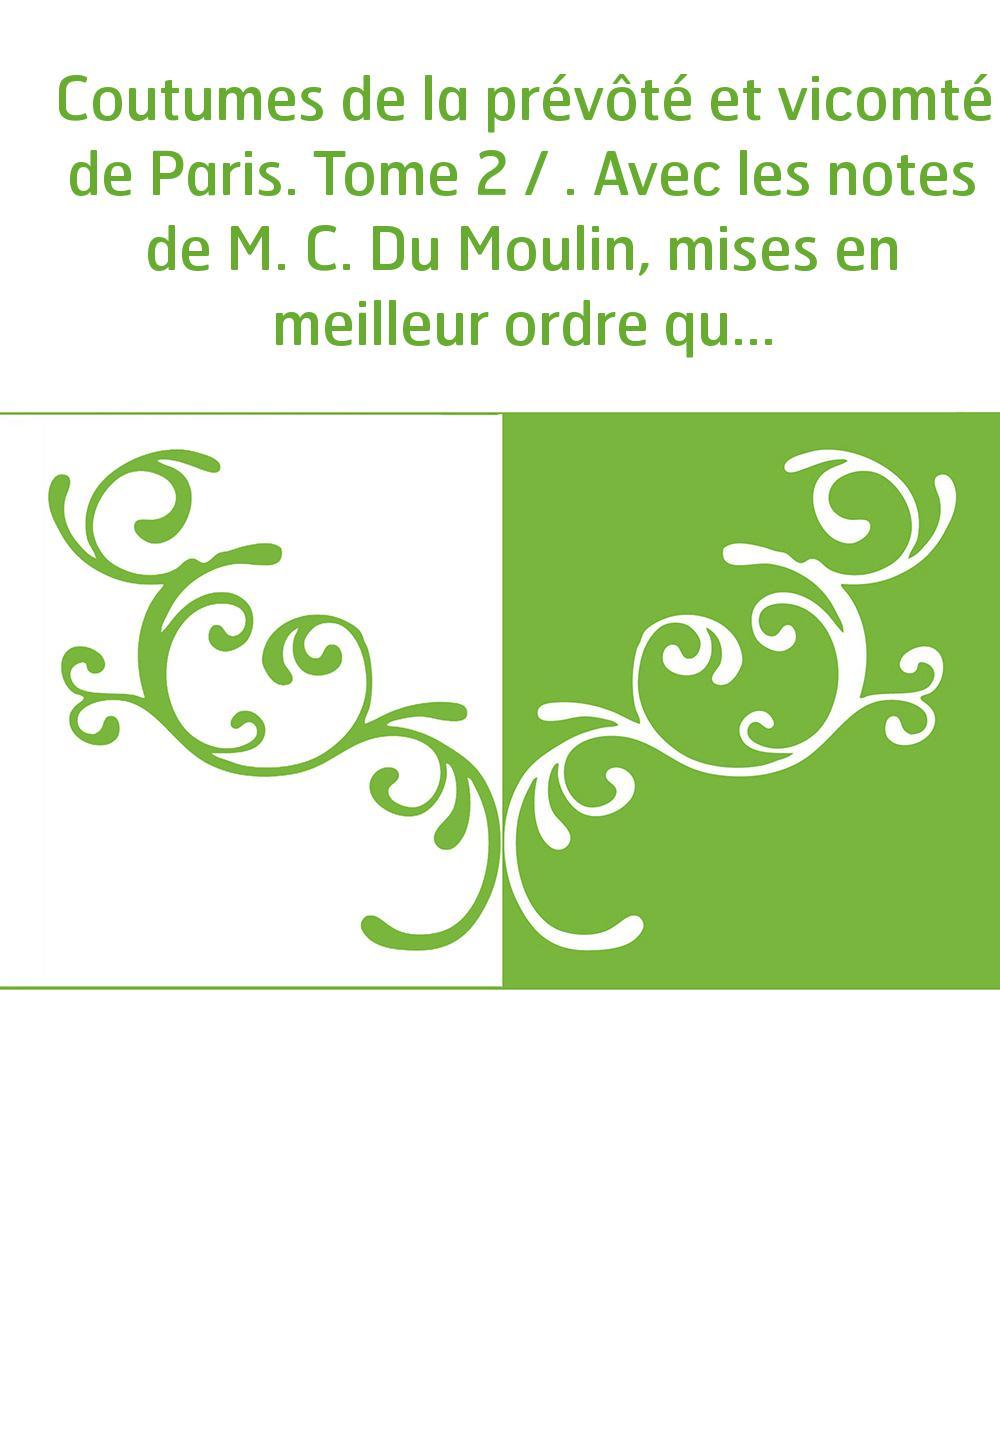 Coutumes de la prévôté et vicomté de Paris. Tome 2 / . Avec les notes de M. C. Du Moulin, mises en meilleur ordre qu'auparavant.